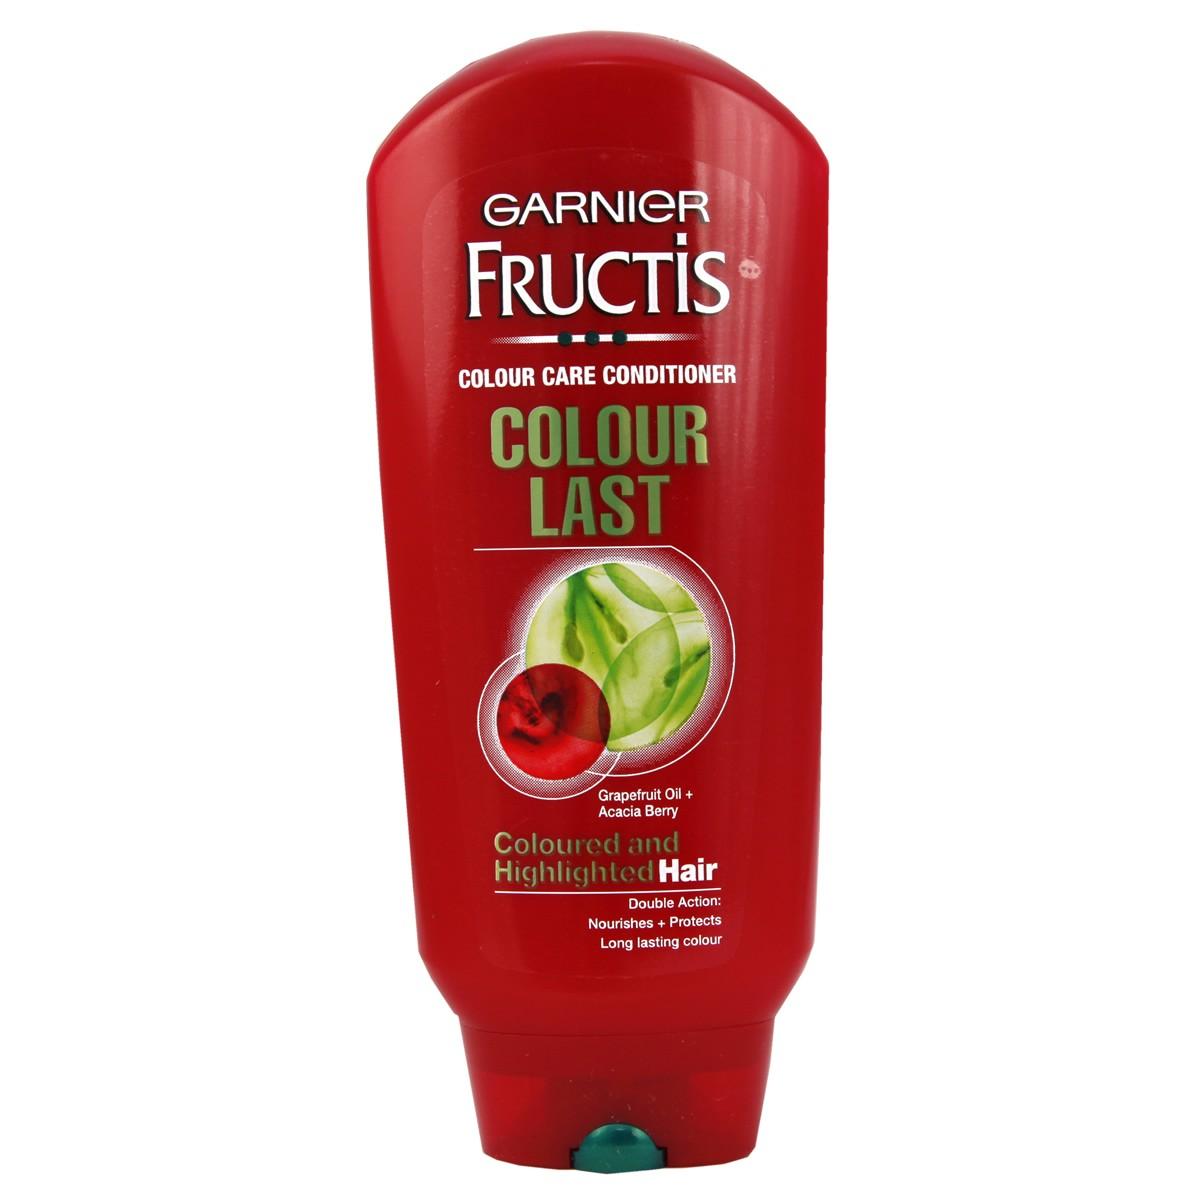 Garnier Fructis Colour Last Conditioner